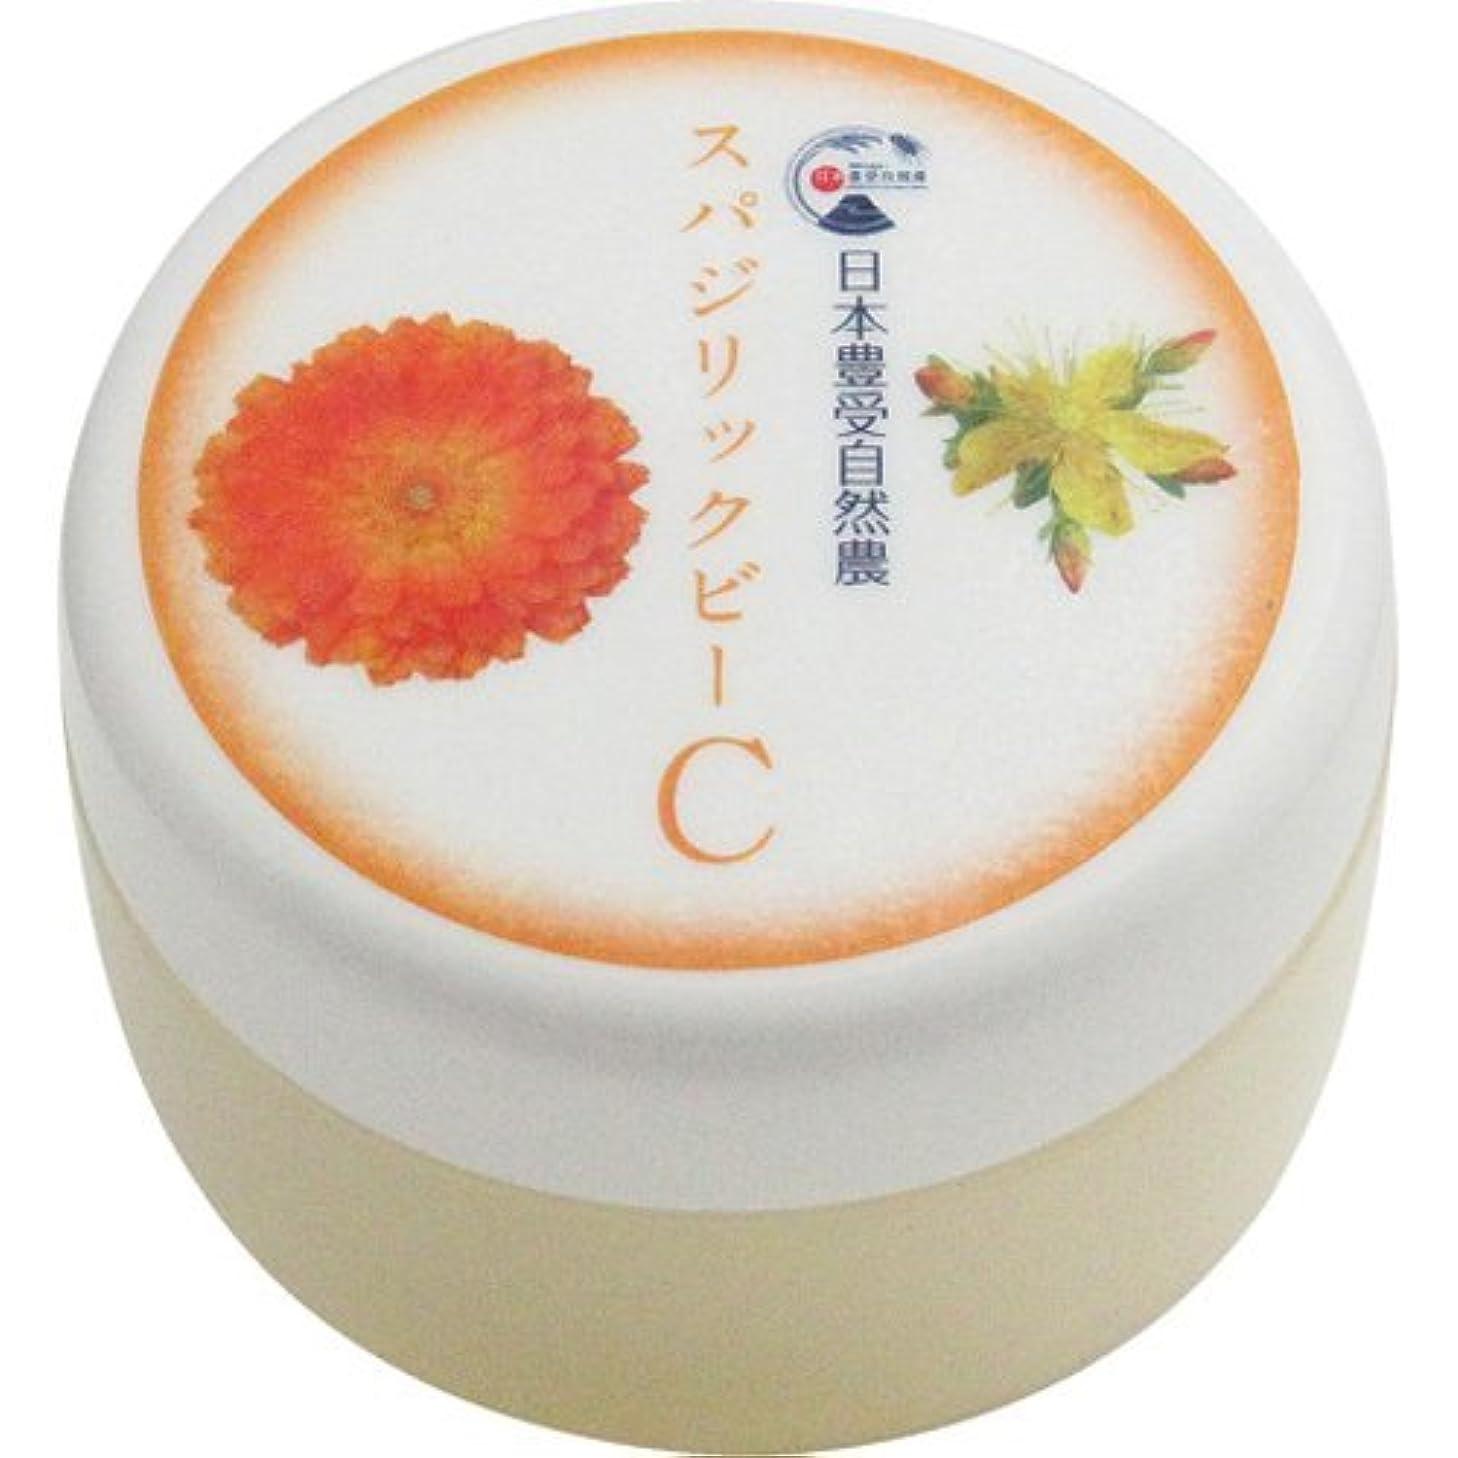 捧げるカウボーイ明確に日本豊受自然農 スパジリック ビーC(大) 45g